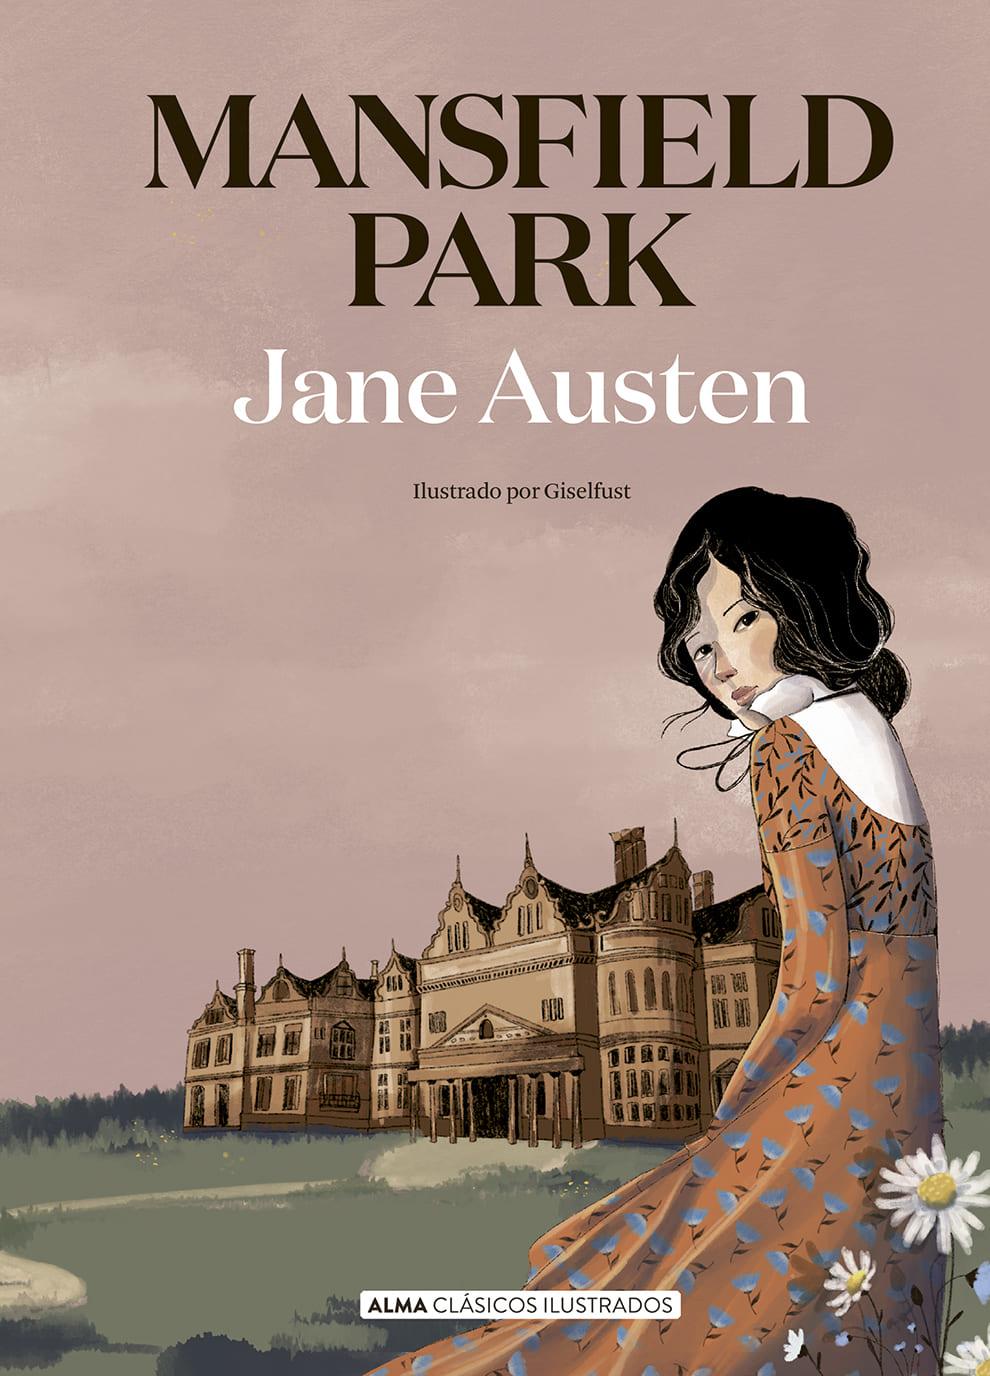 Nueva edición ilustrada de Mansfield Park